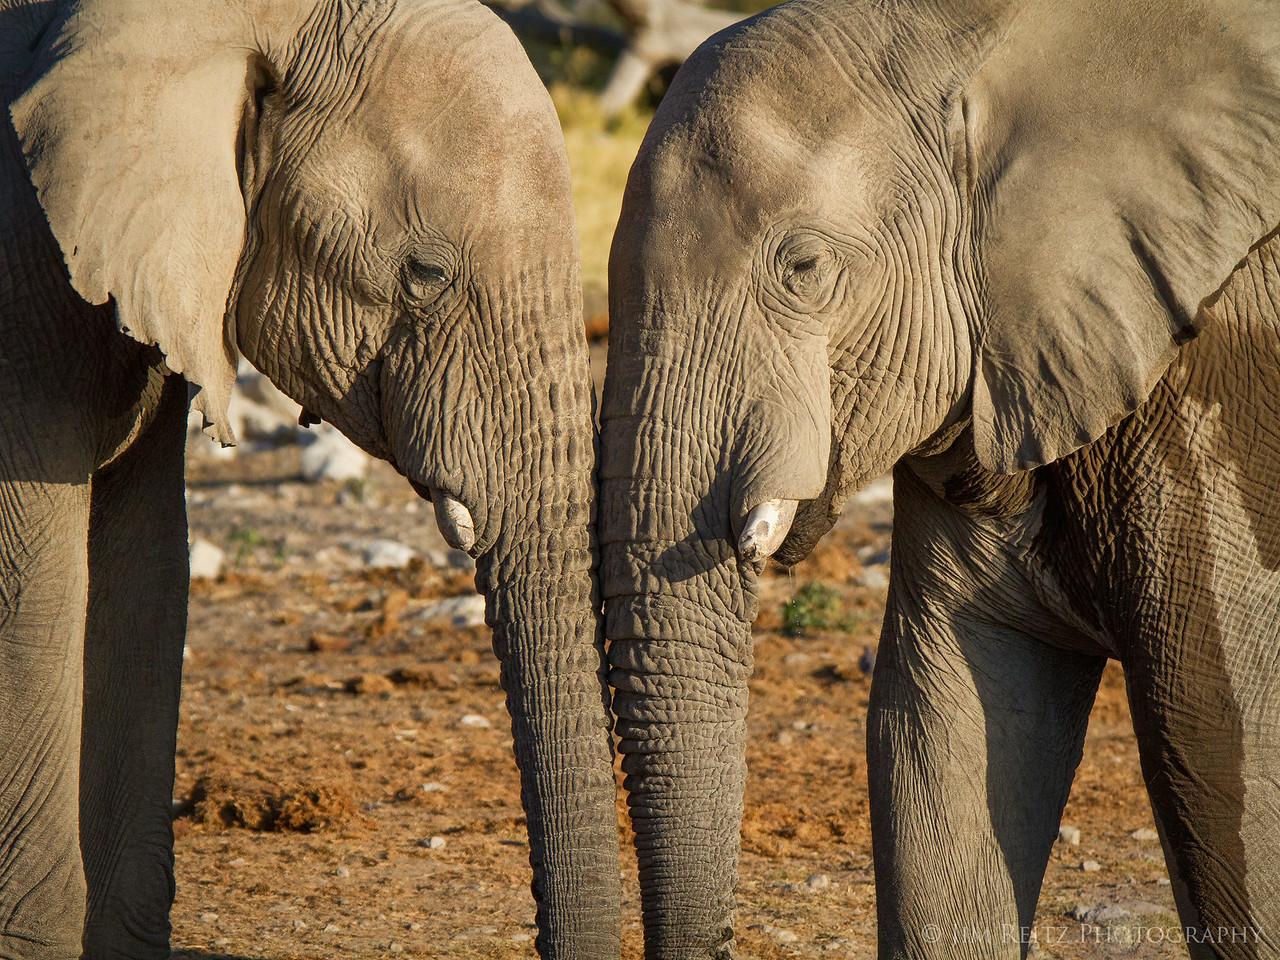 Elephants - Etosha National Park, Namibia.